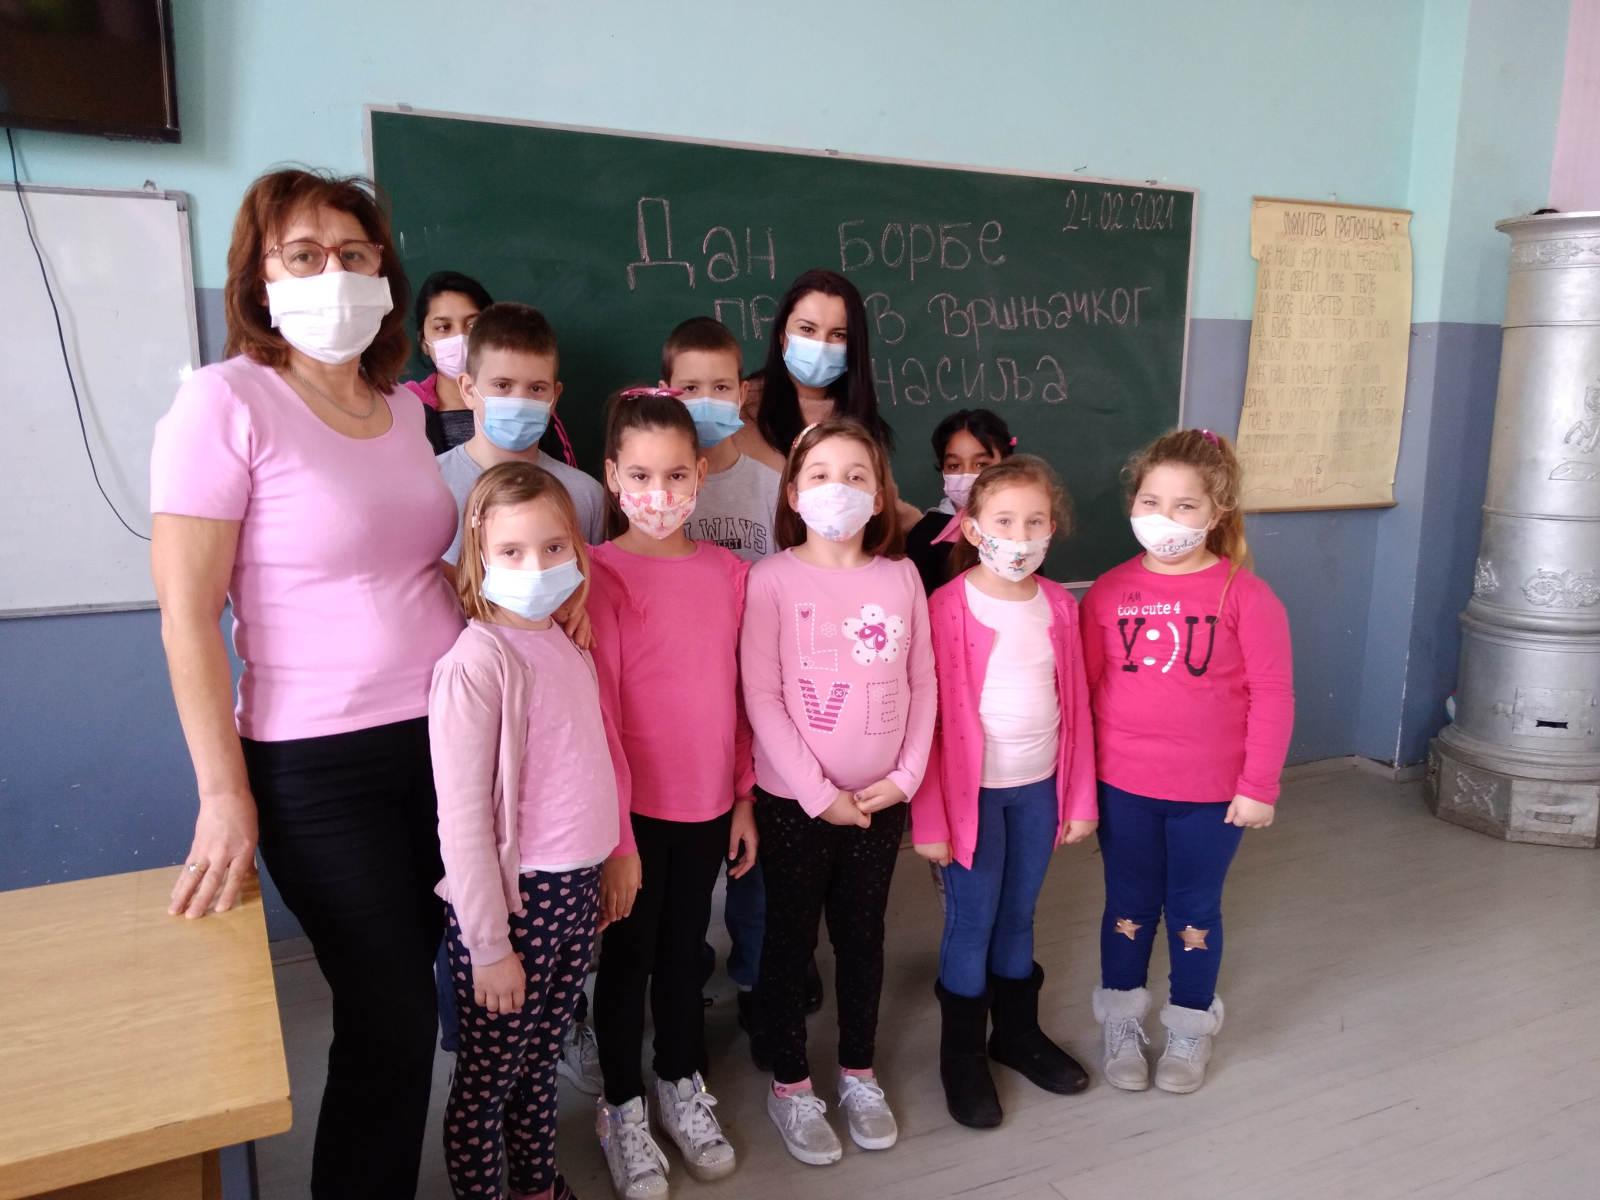 Међународни дан борбе против вршњачког насиља - Дан ружичастих мајица